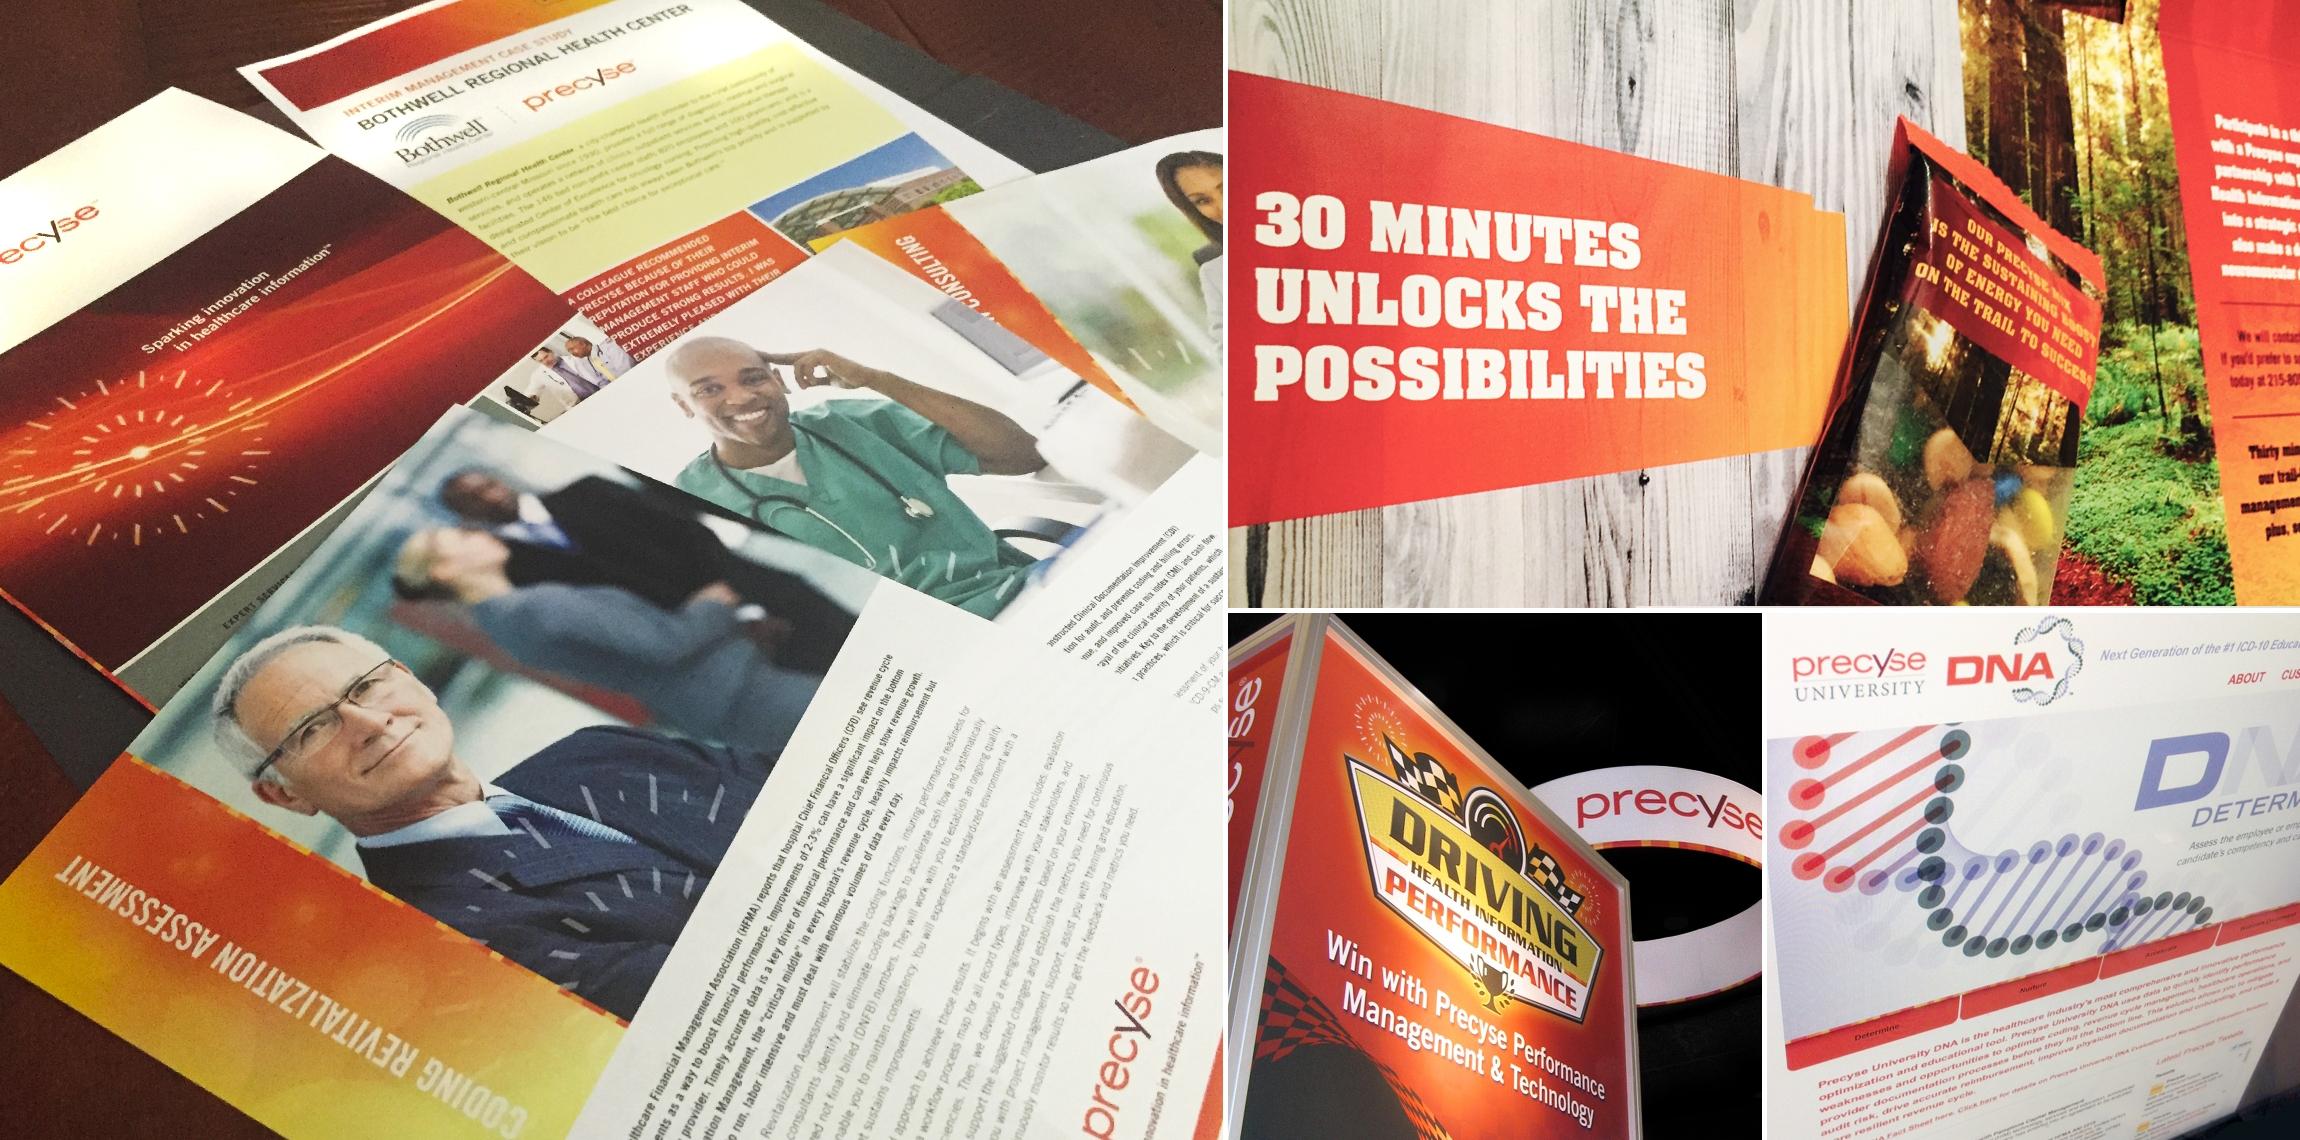 Precyse: Print and Digital Rebranding